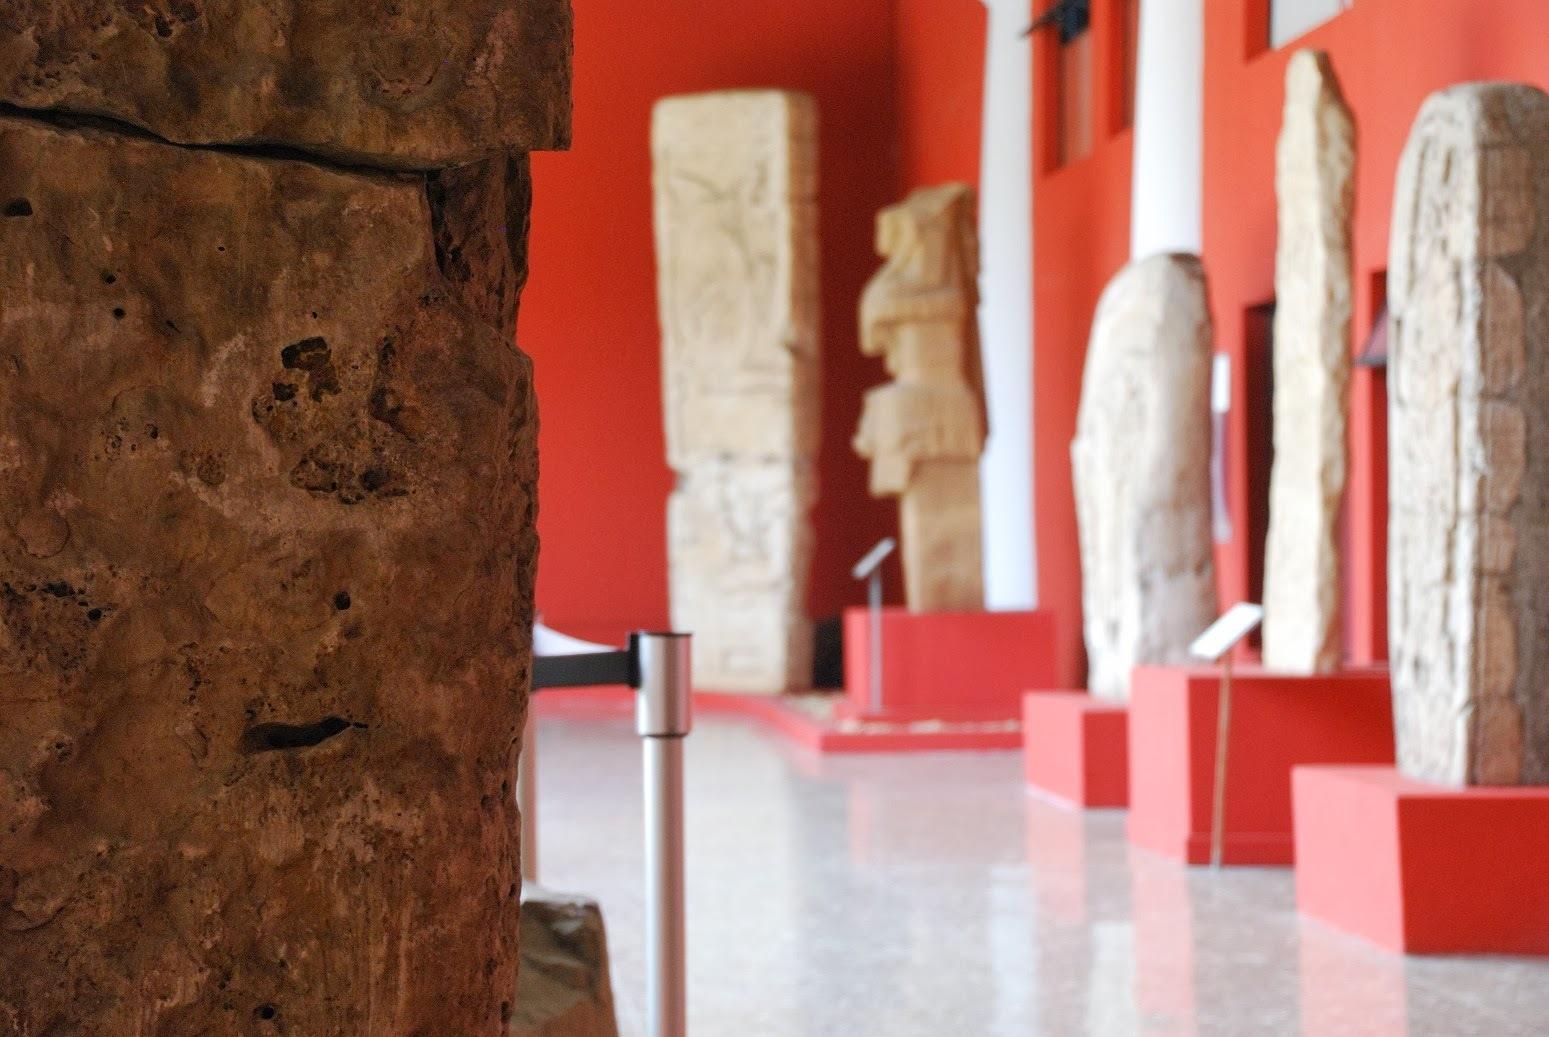 Gwatemala - Gwatemala City - Muzeum Archeologii i Etnografii